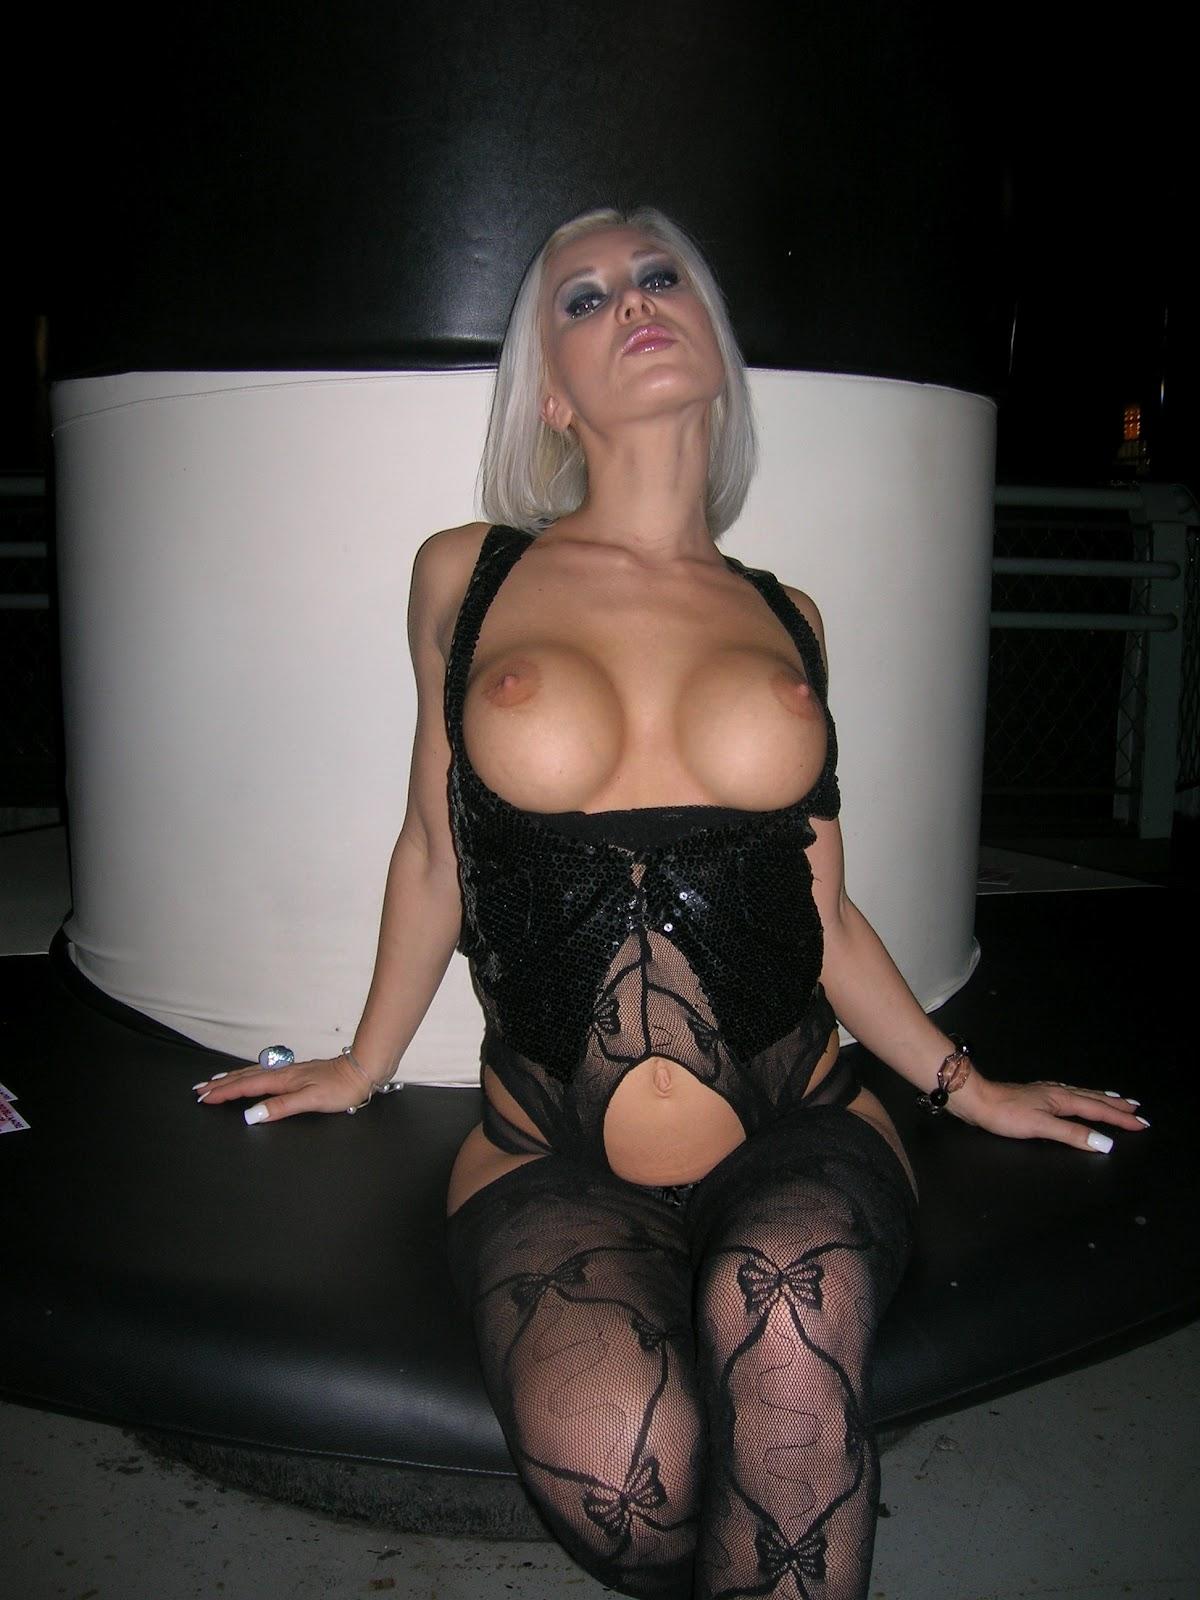 Caroline de jaie porno show en el feda 2015 - 1 part 9